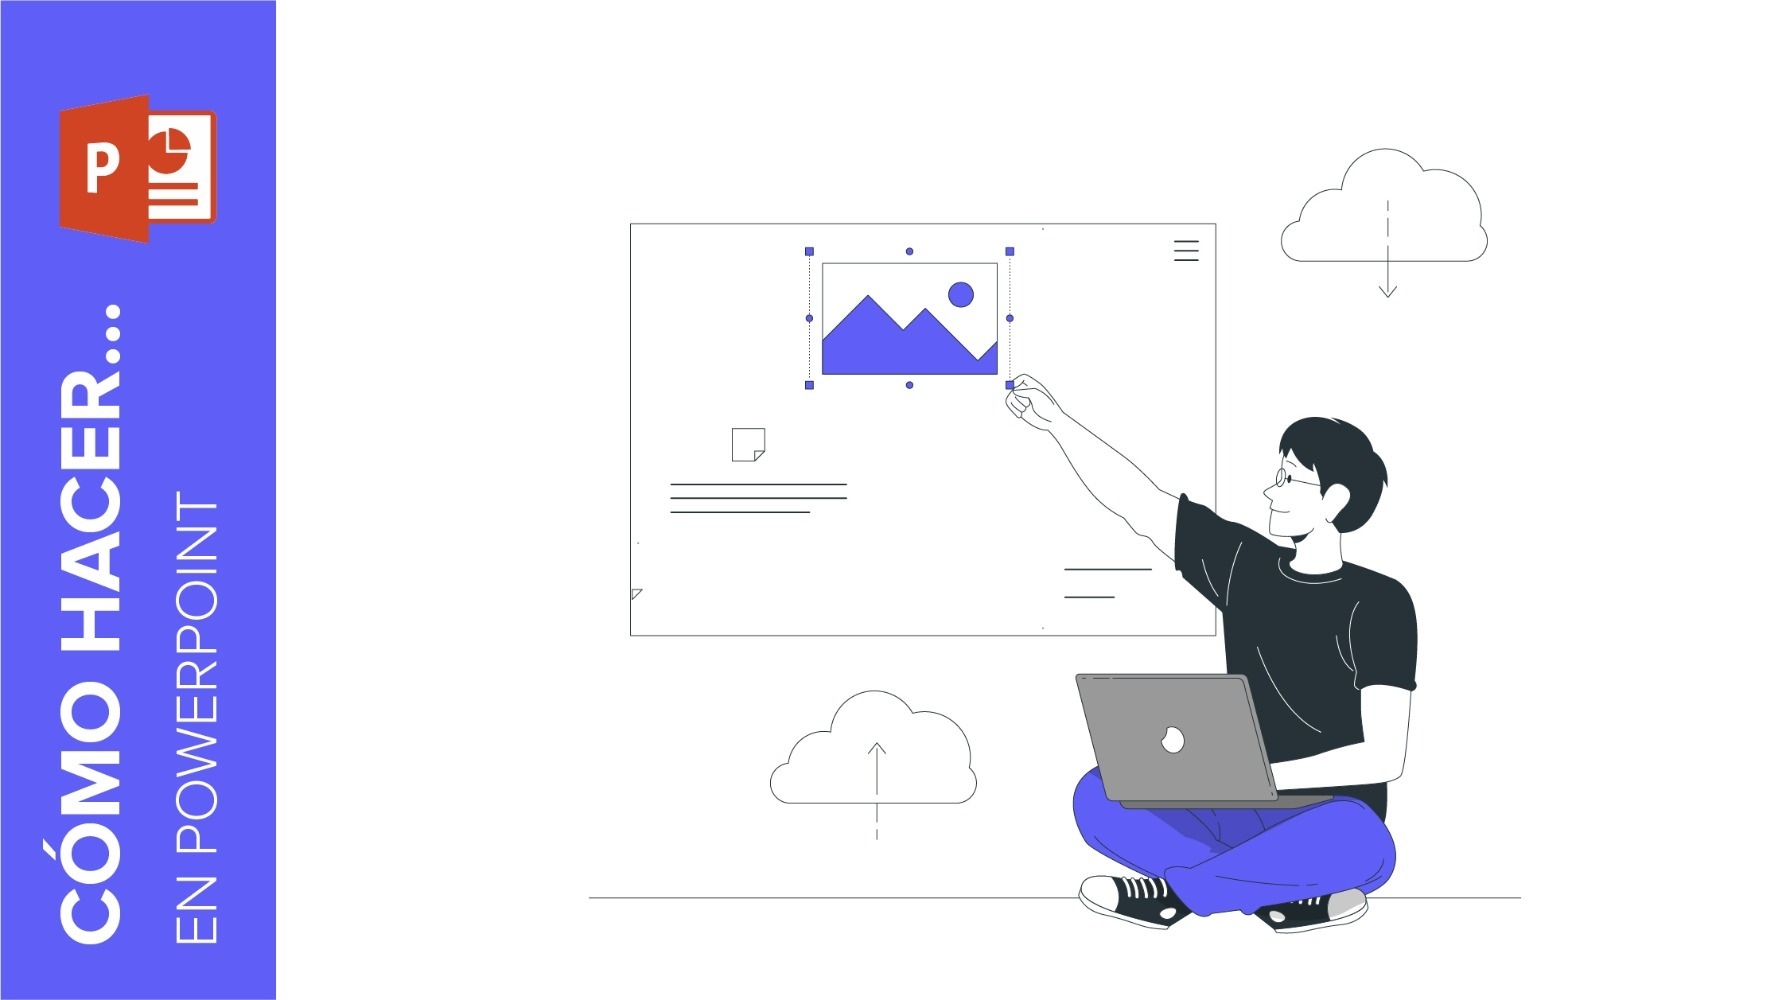 Cómo cambiar la imagen y el color de fondo en PowerPoint | Tutoriales y Tips para tus presentaciones